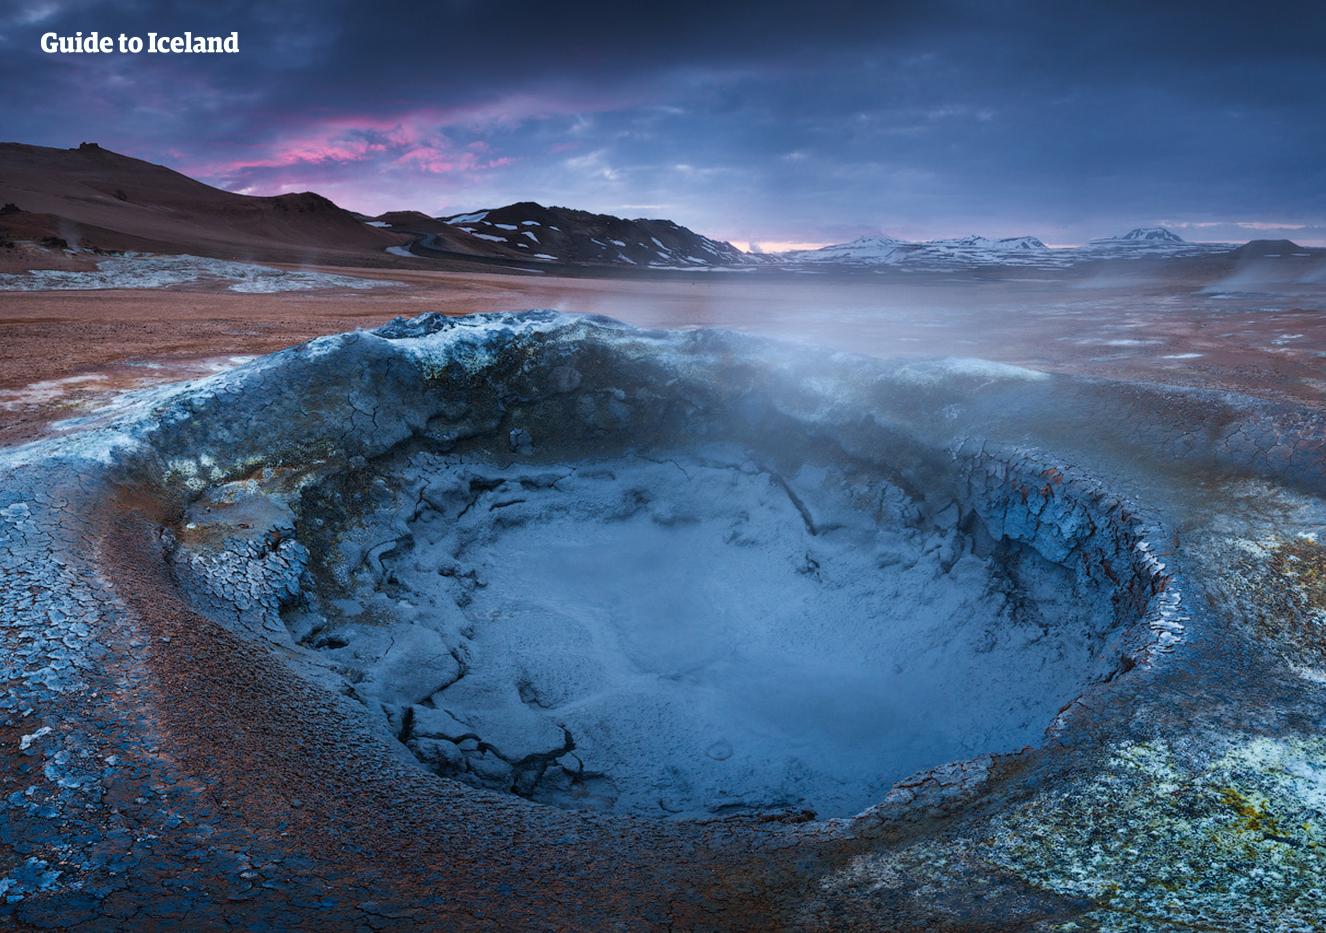 Il lago Myvatn ha numerose aree geotermiche vicine.